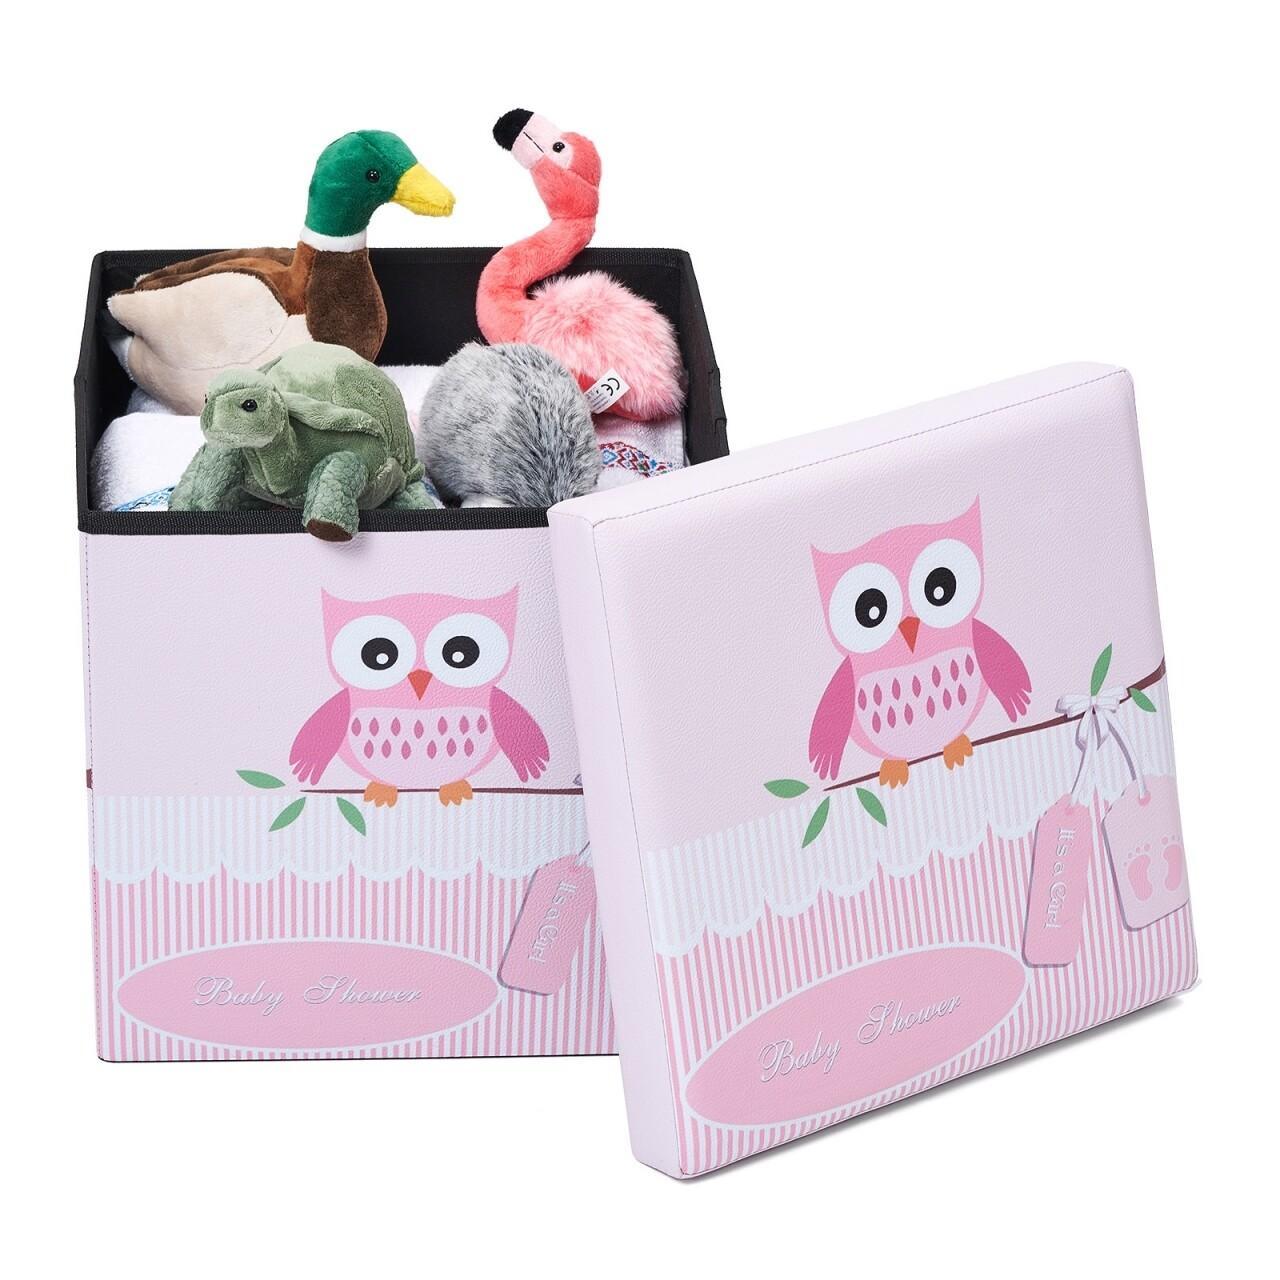 Taburet pliabil cu spatiu de depozitare Pink Owl, Heinner Home, 37.5 x 38 x 38 cm, PVC, multicolor